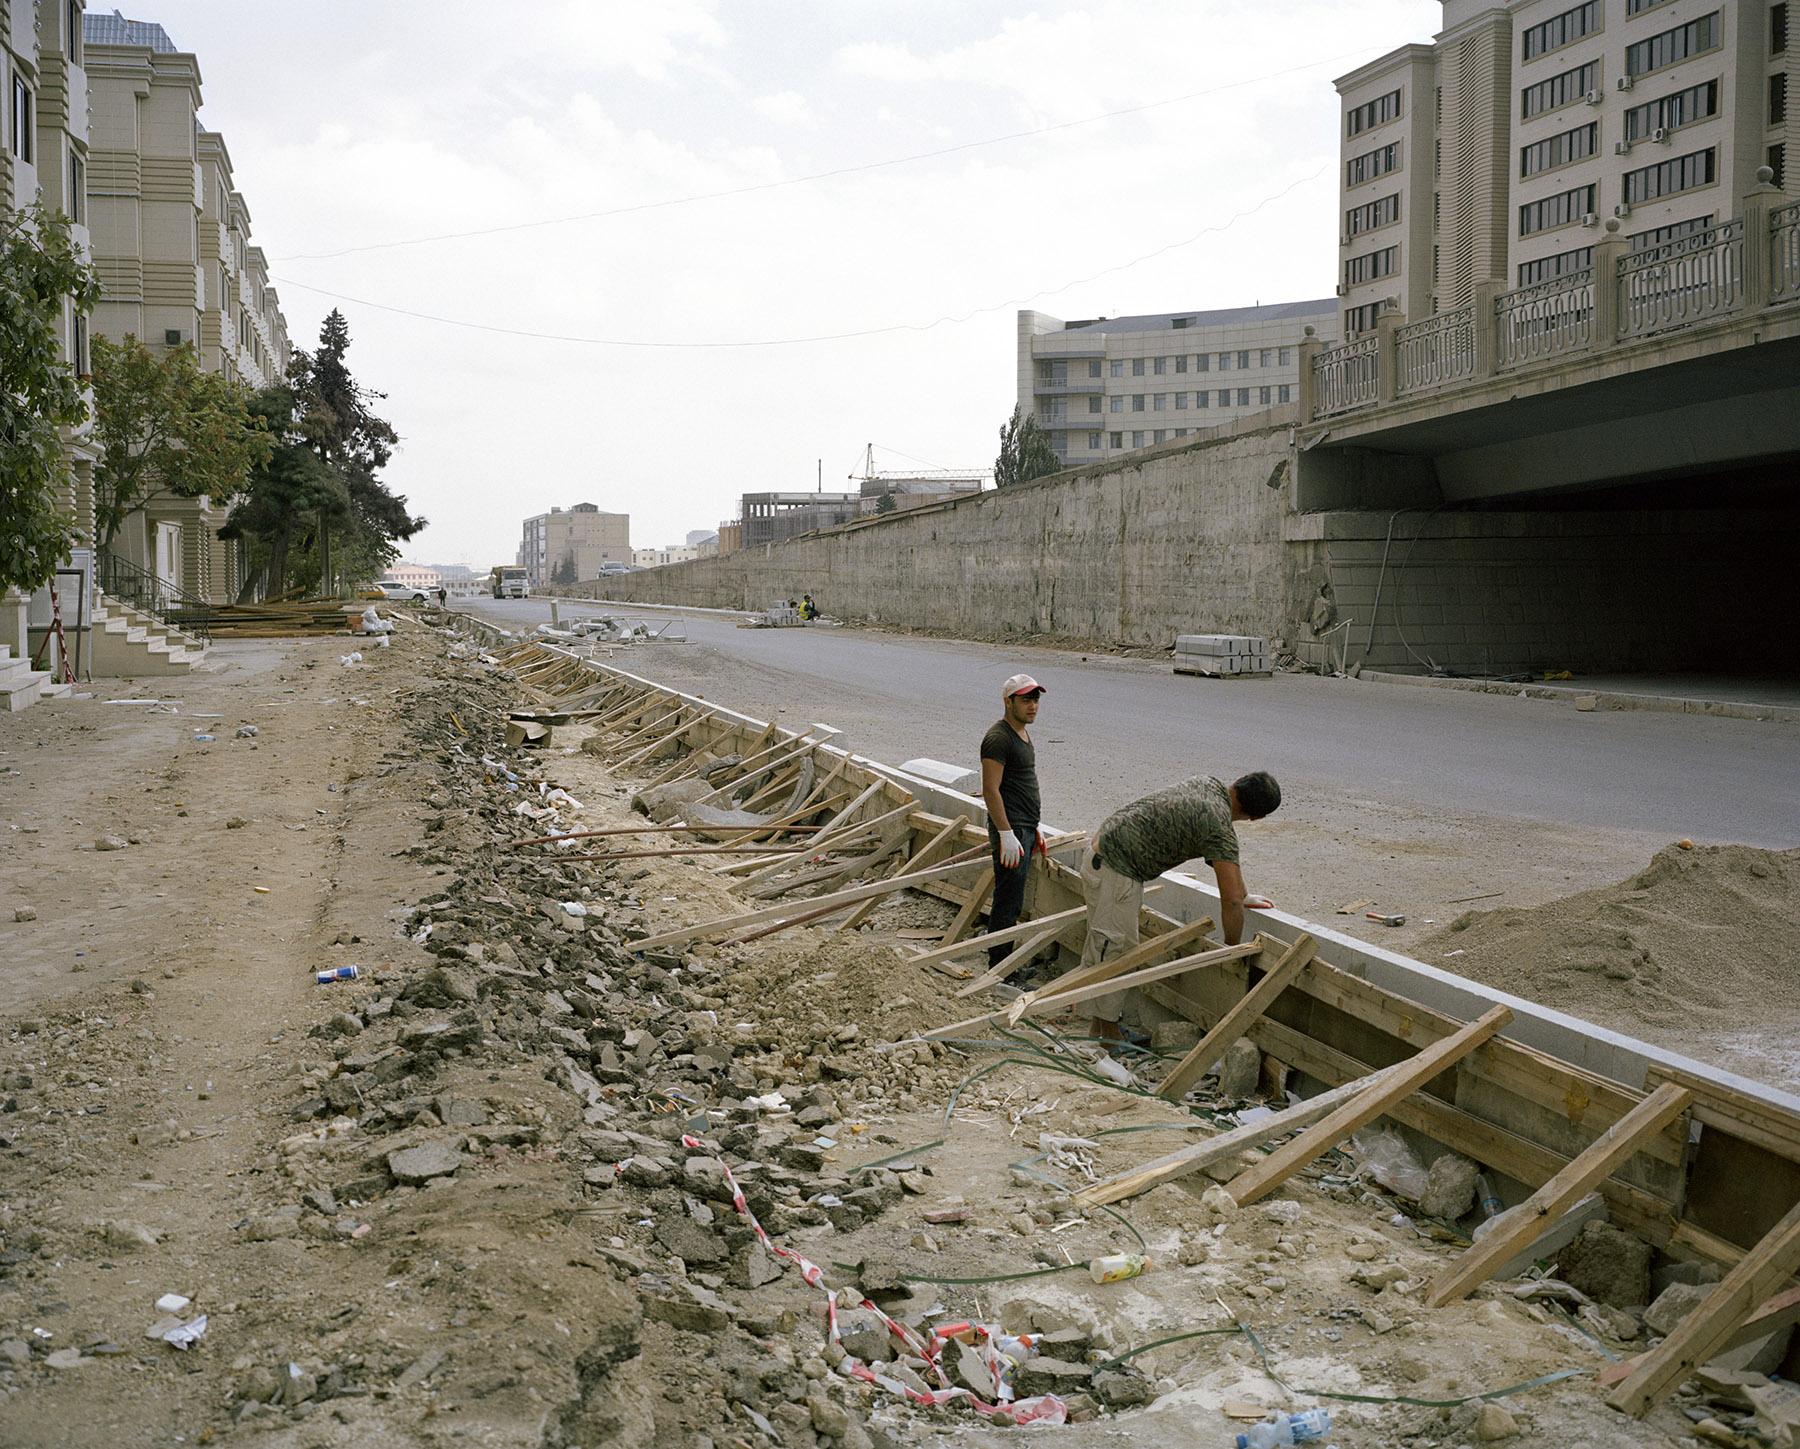 2014 год: Рабочие строят дорогу, соединяющую Баку с международным аэропортом Гейдара Алиева.